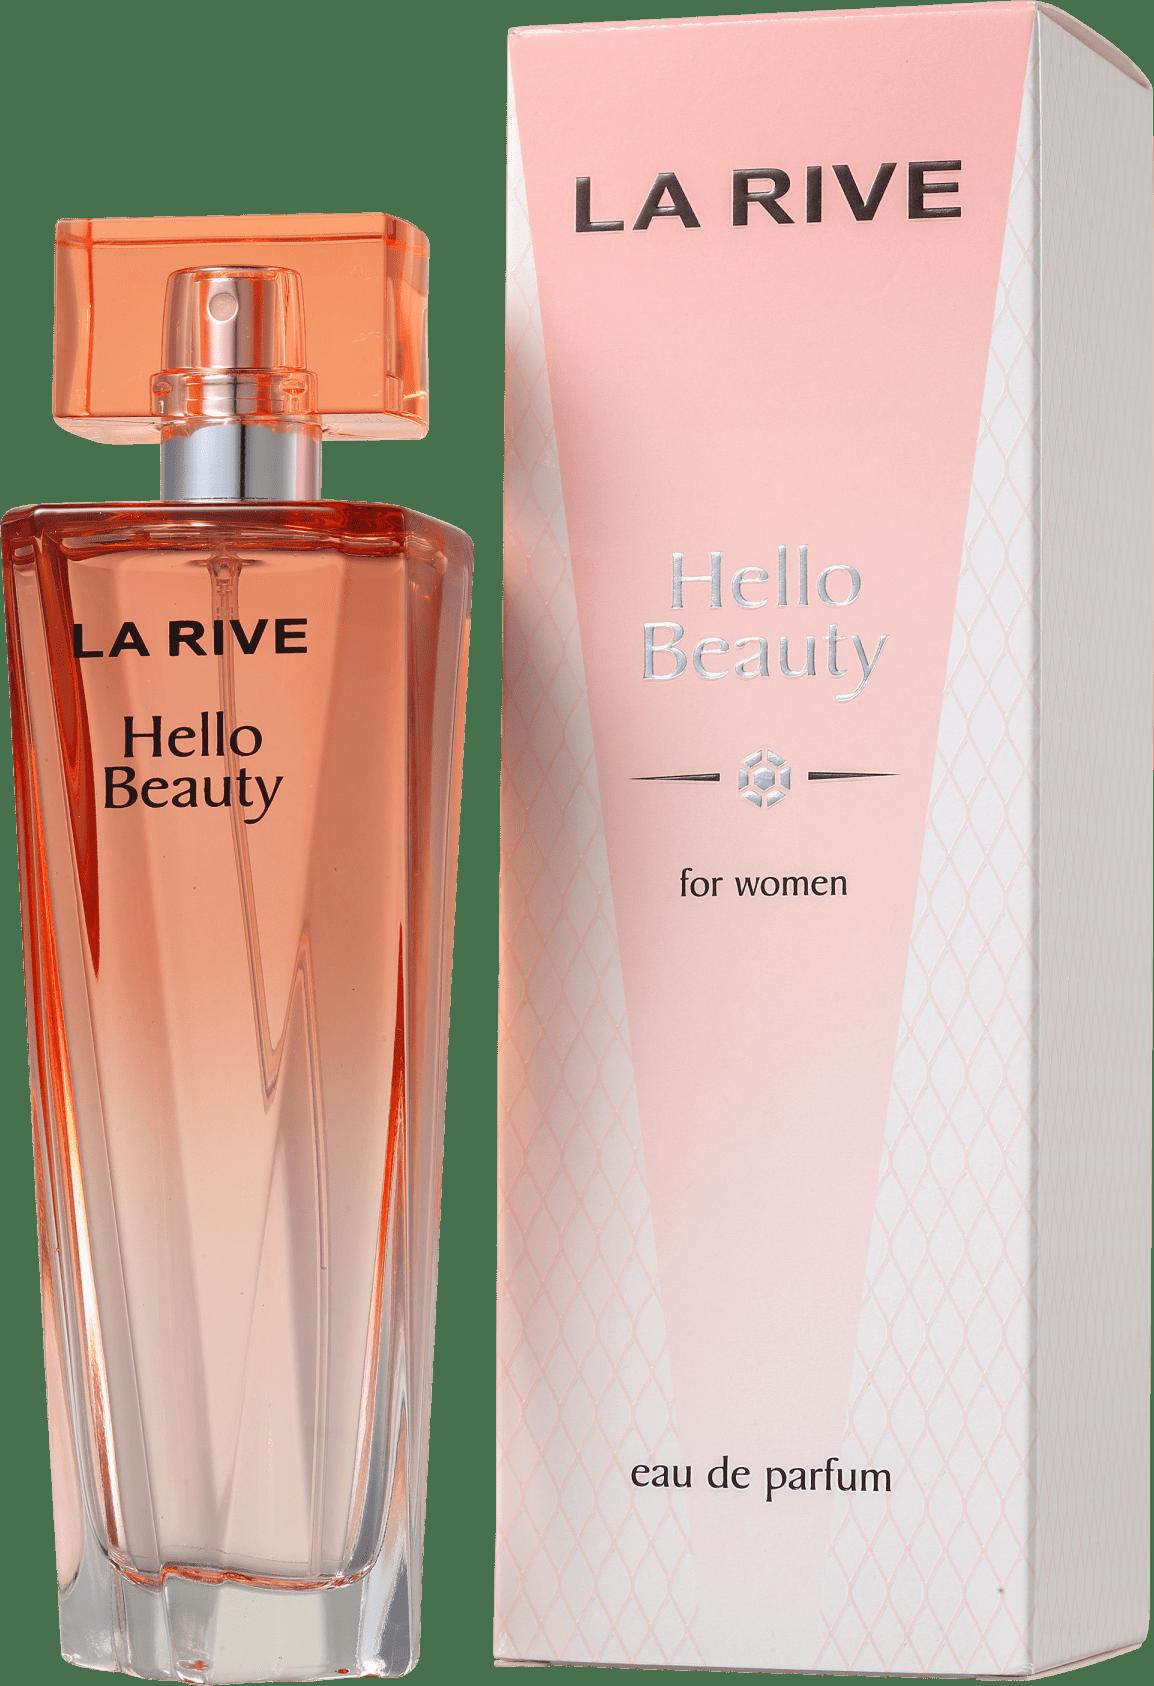 5a12bfa7a5 Hello Beauty La Rive Eau de Parfum - Perfume Feminino 100ml